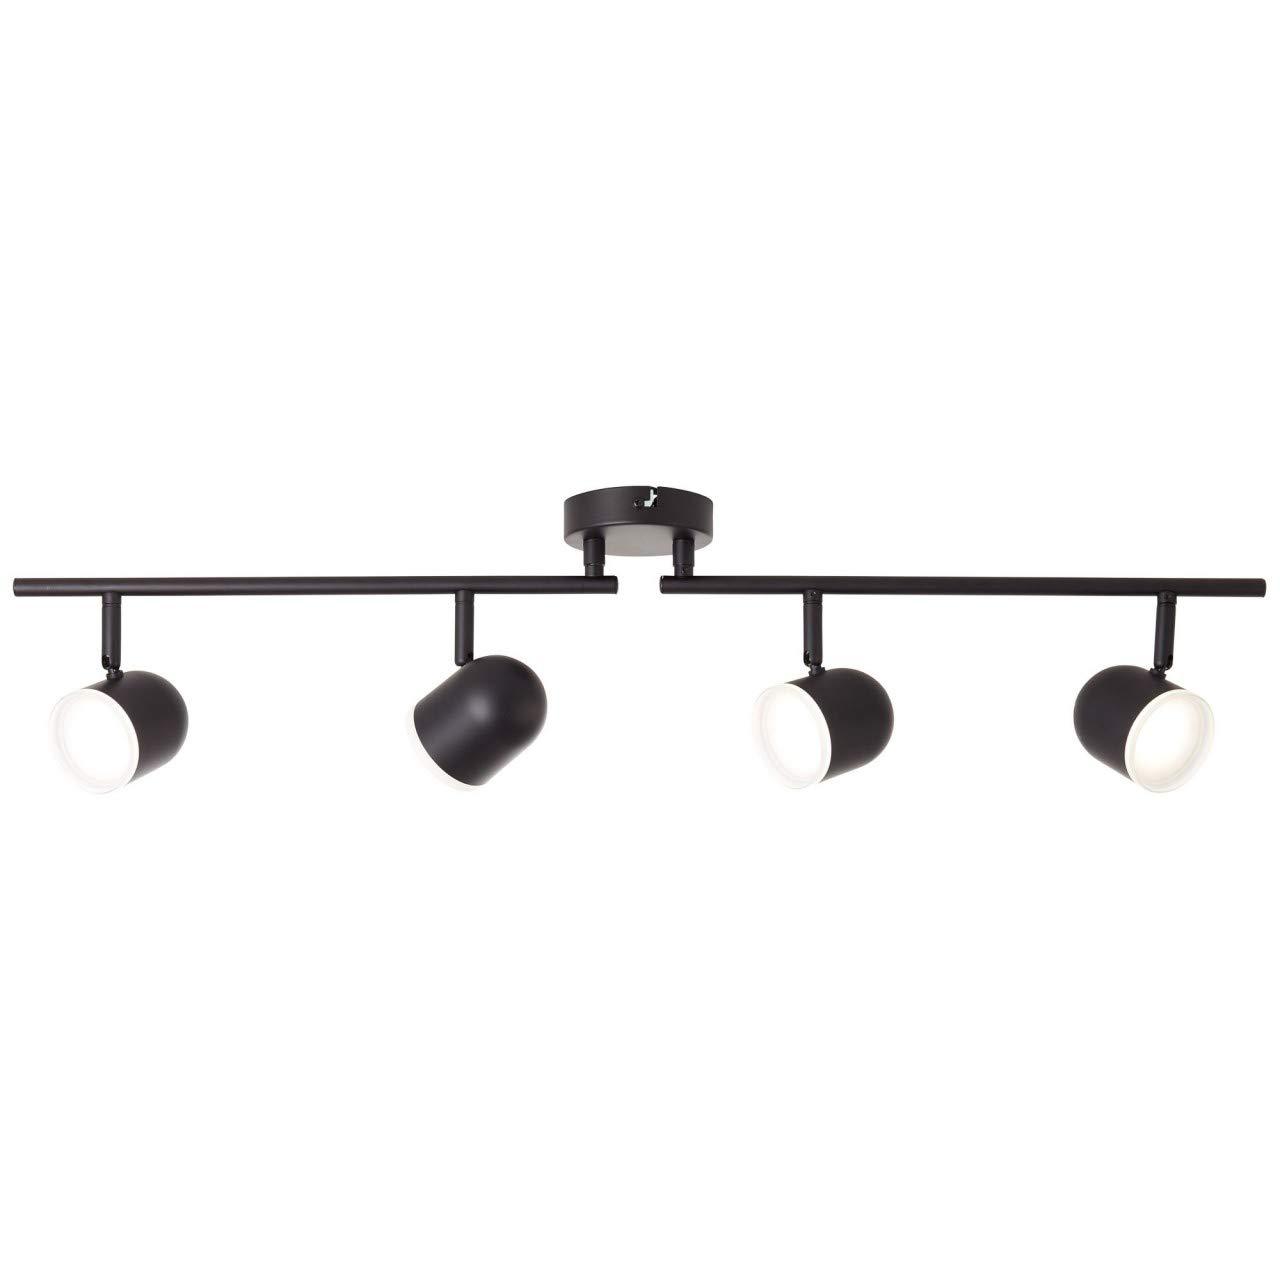 BRILLIANT GRETCHEN LED Deckenstrahler 83,5 cm Metall Kunststoff Schwarz matt 4-Flammig